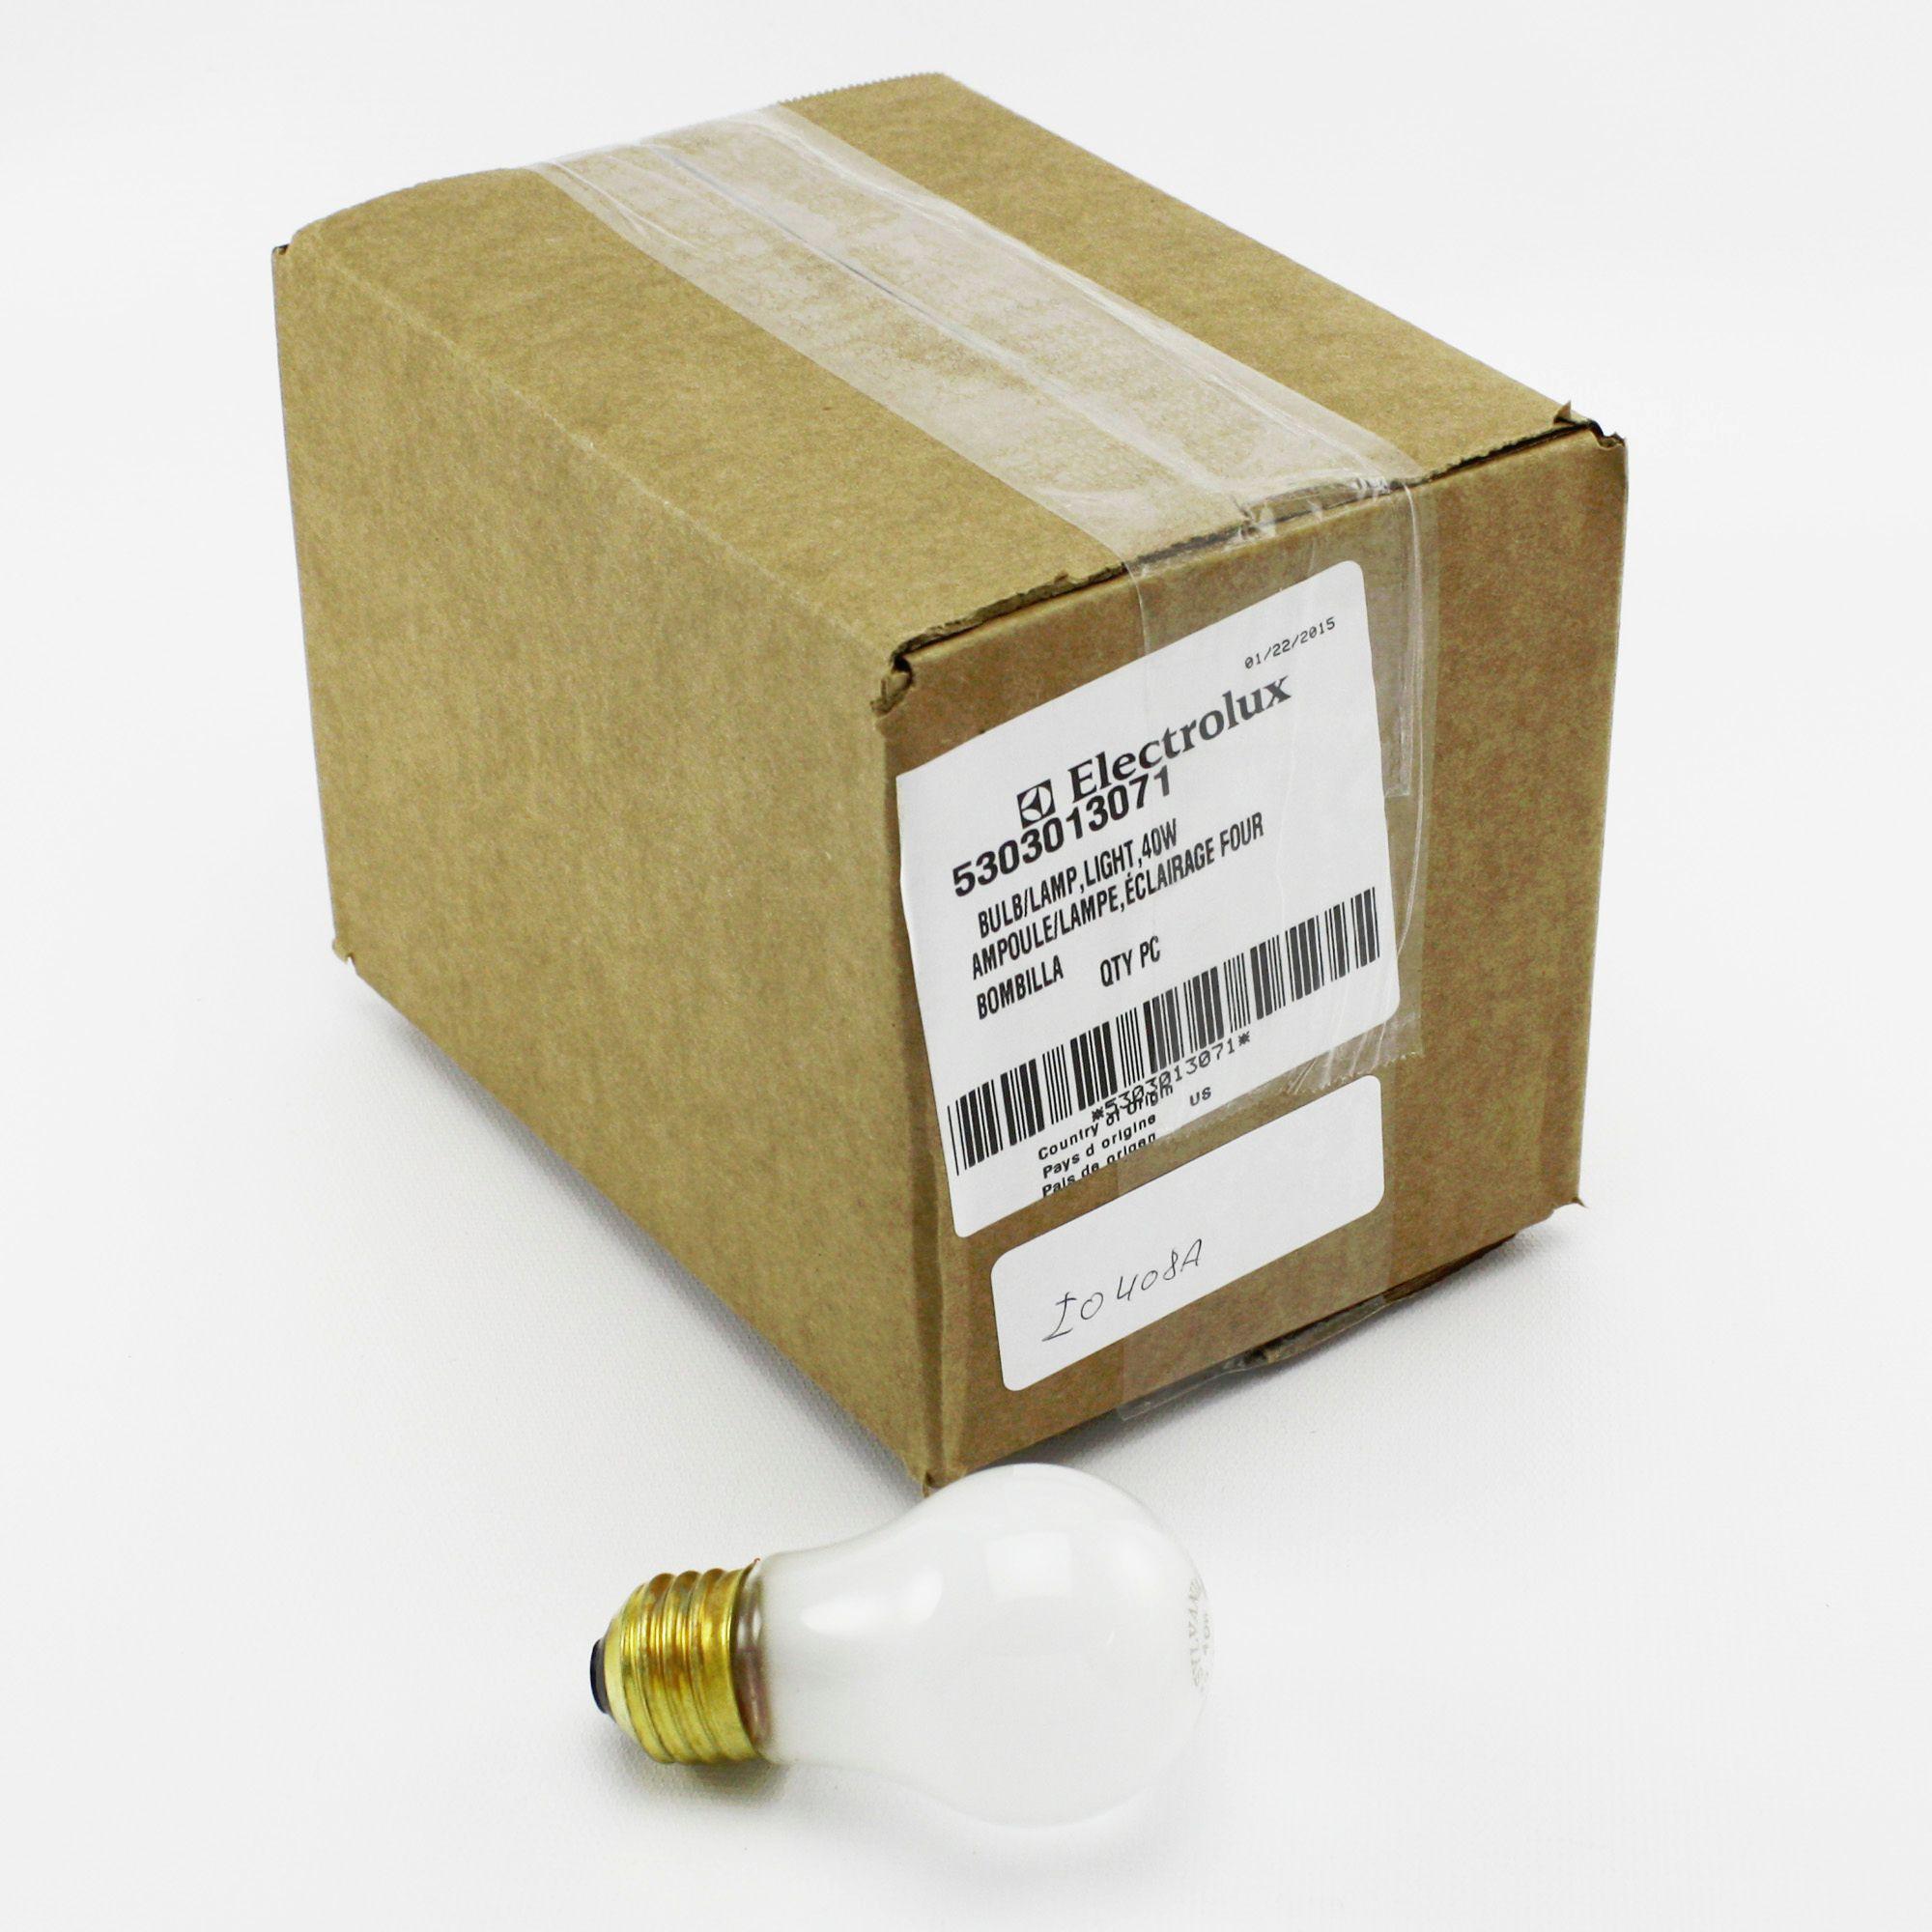 Kenmore Elite Refrigerator Light Bulb